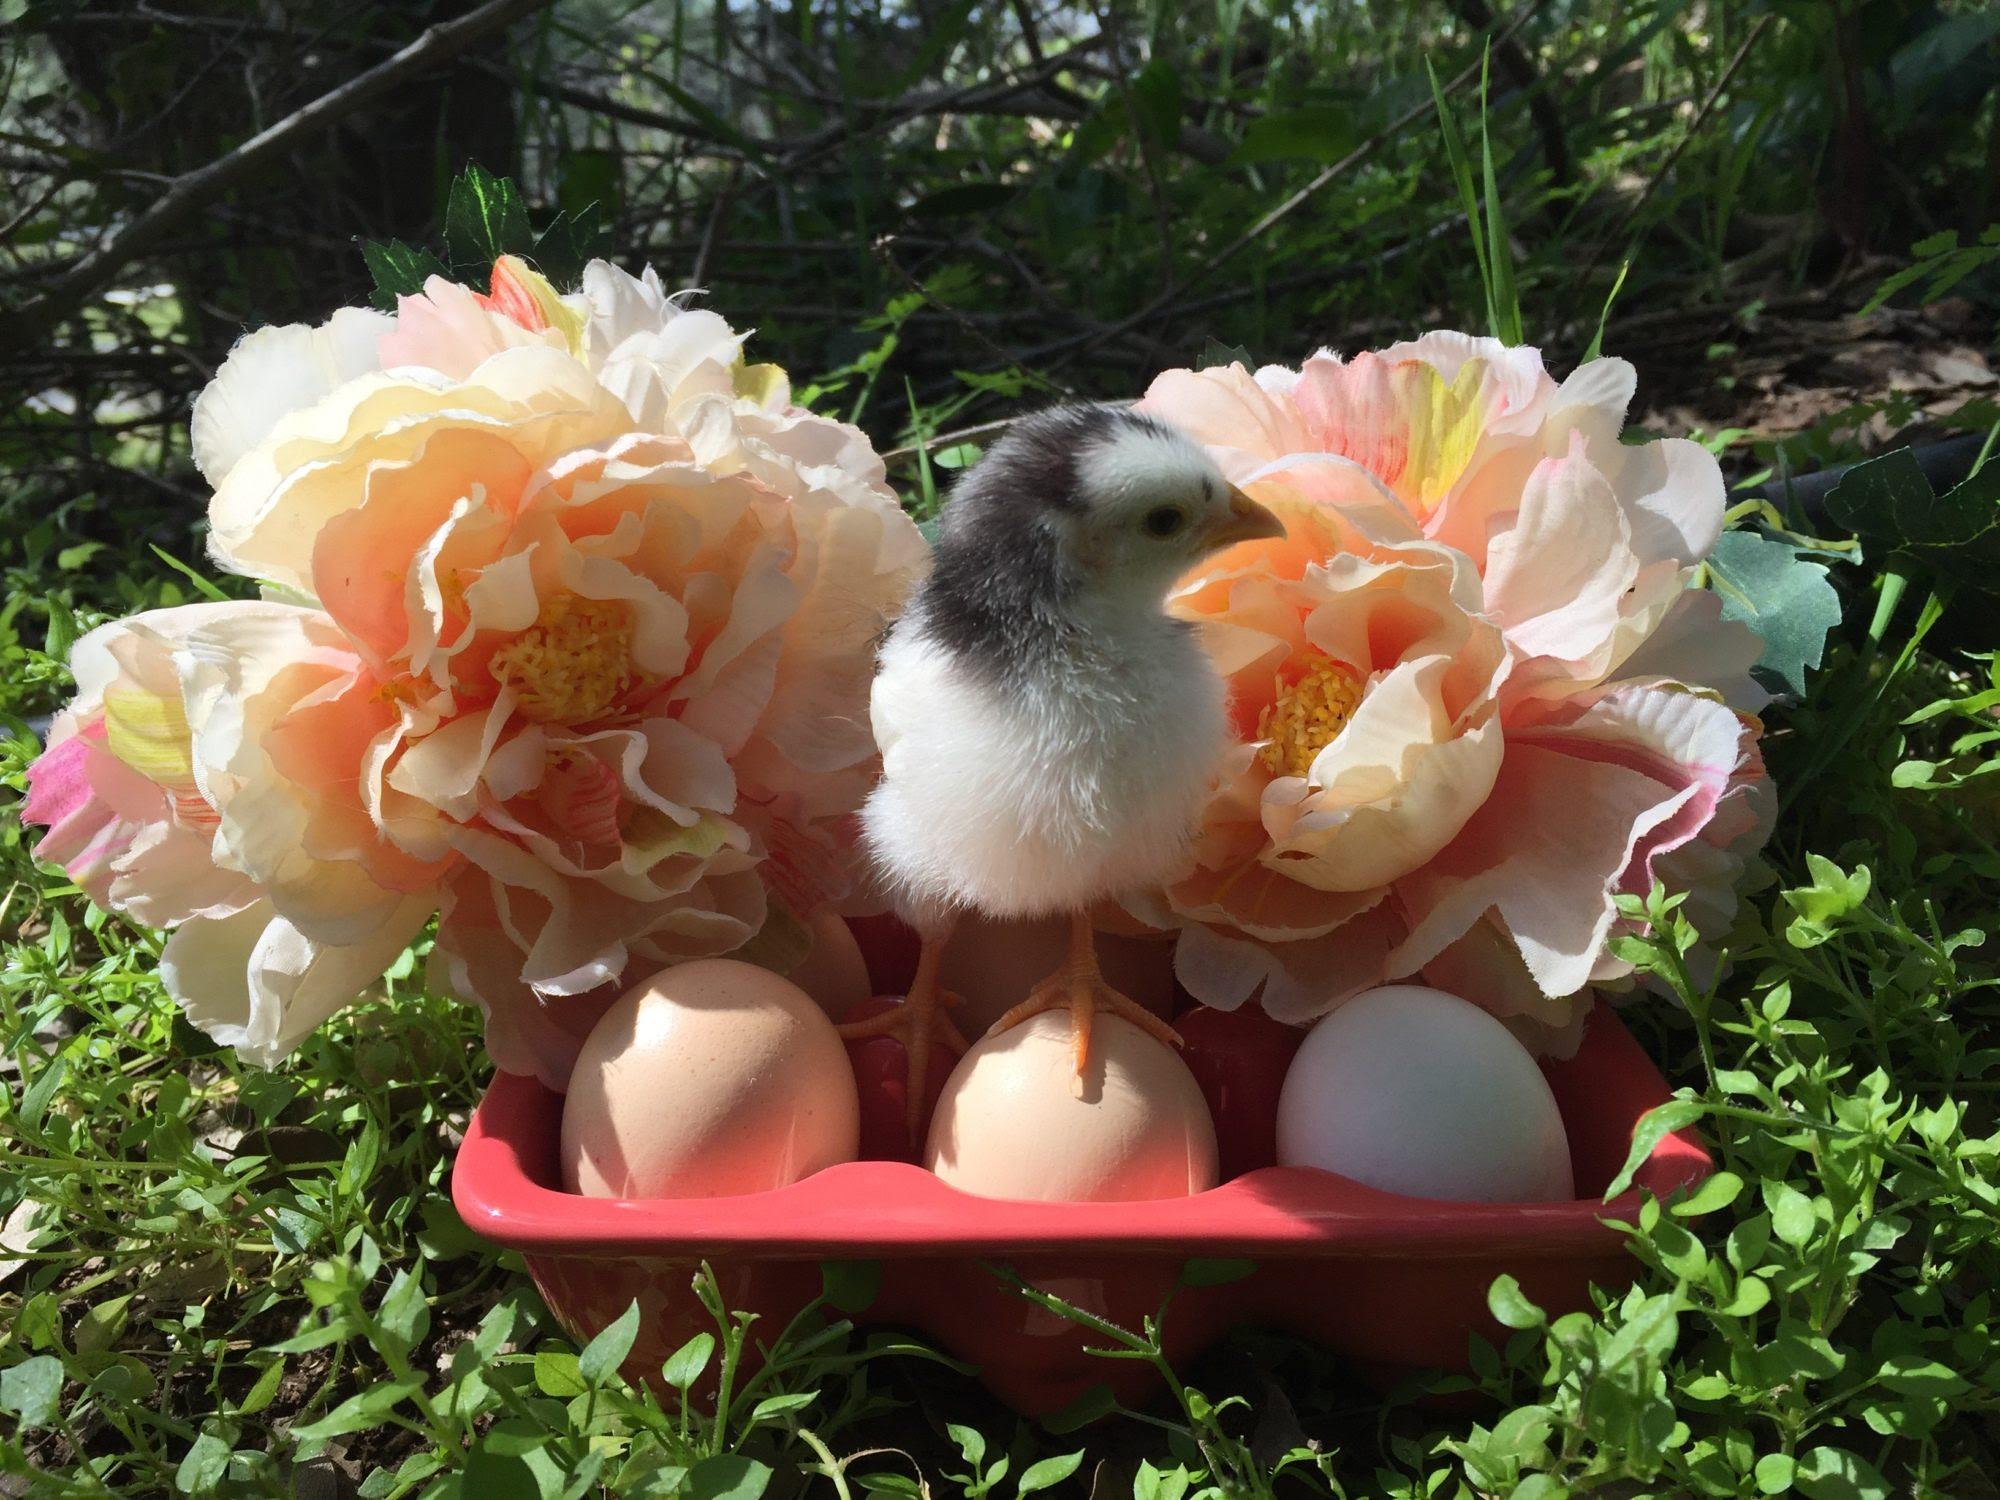 http://cdn.backyardchickens.com/2/27/27a0b356_image.jpeg